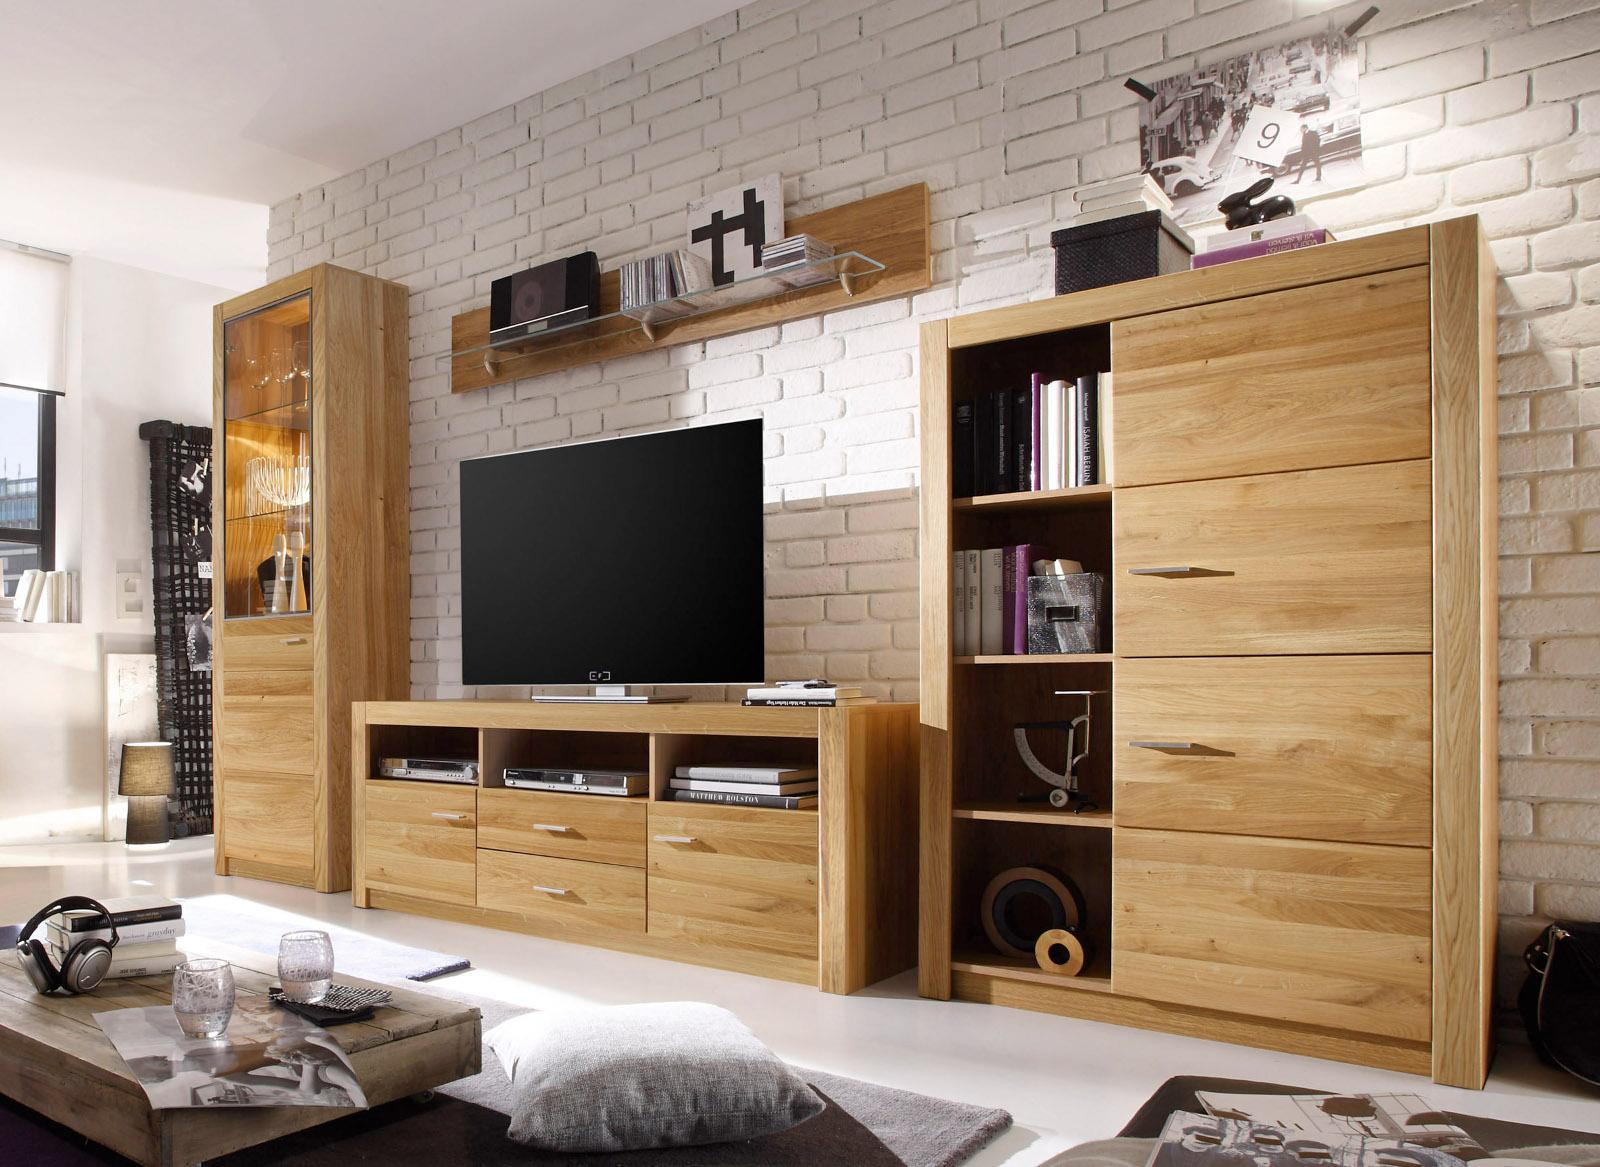 Büro Schreibtisch Büromöbel Pult Stehpult Stehtich - Designermöbel ...